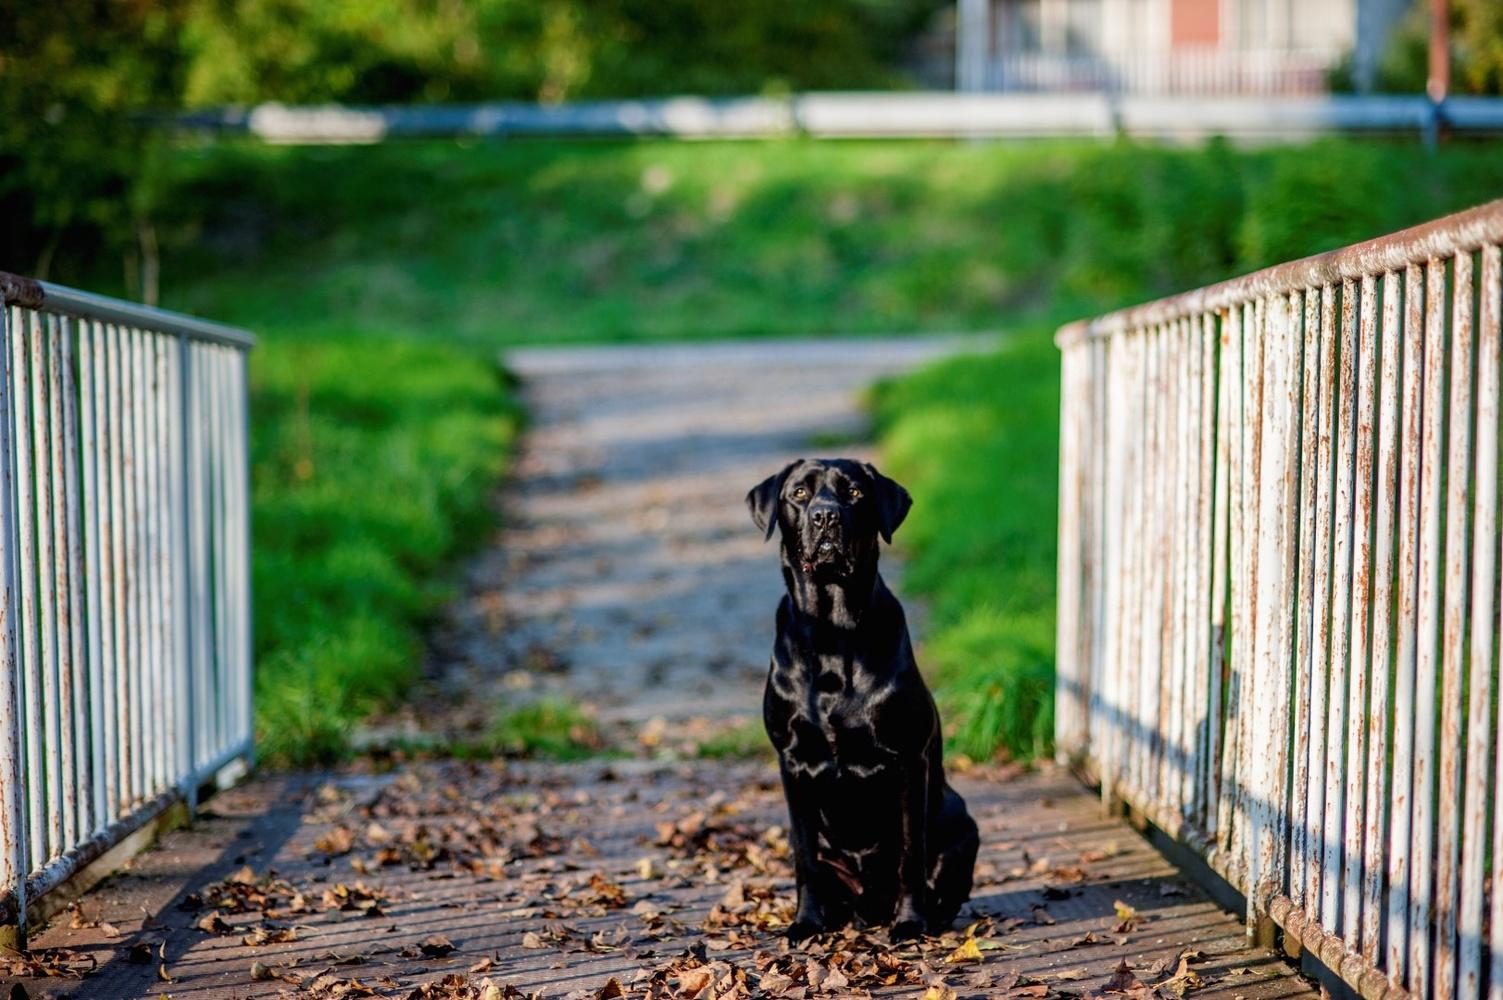 http://www.fotoz.sk/images/gallery-9/normal/eskuvoi-fotos_svadobny-fotograf_213.jpg